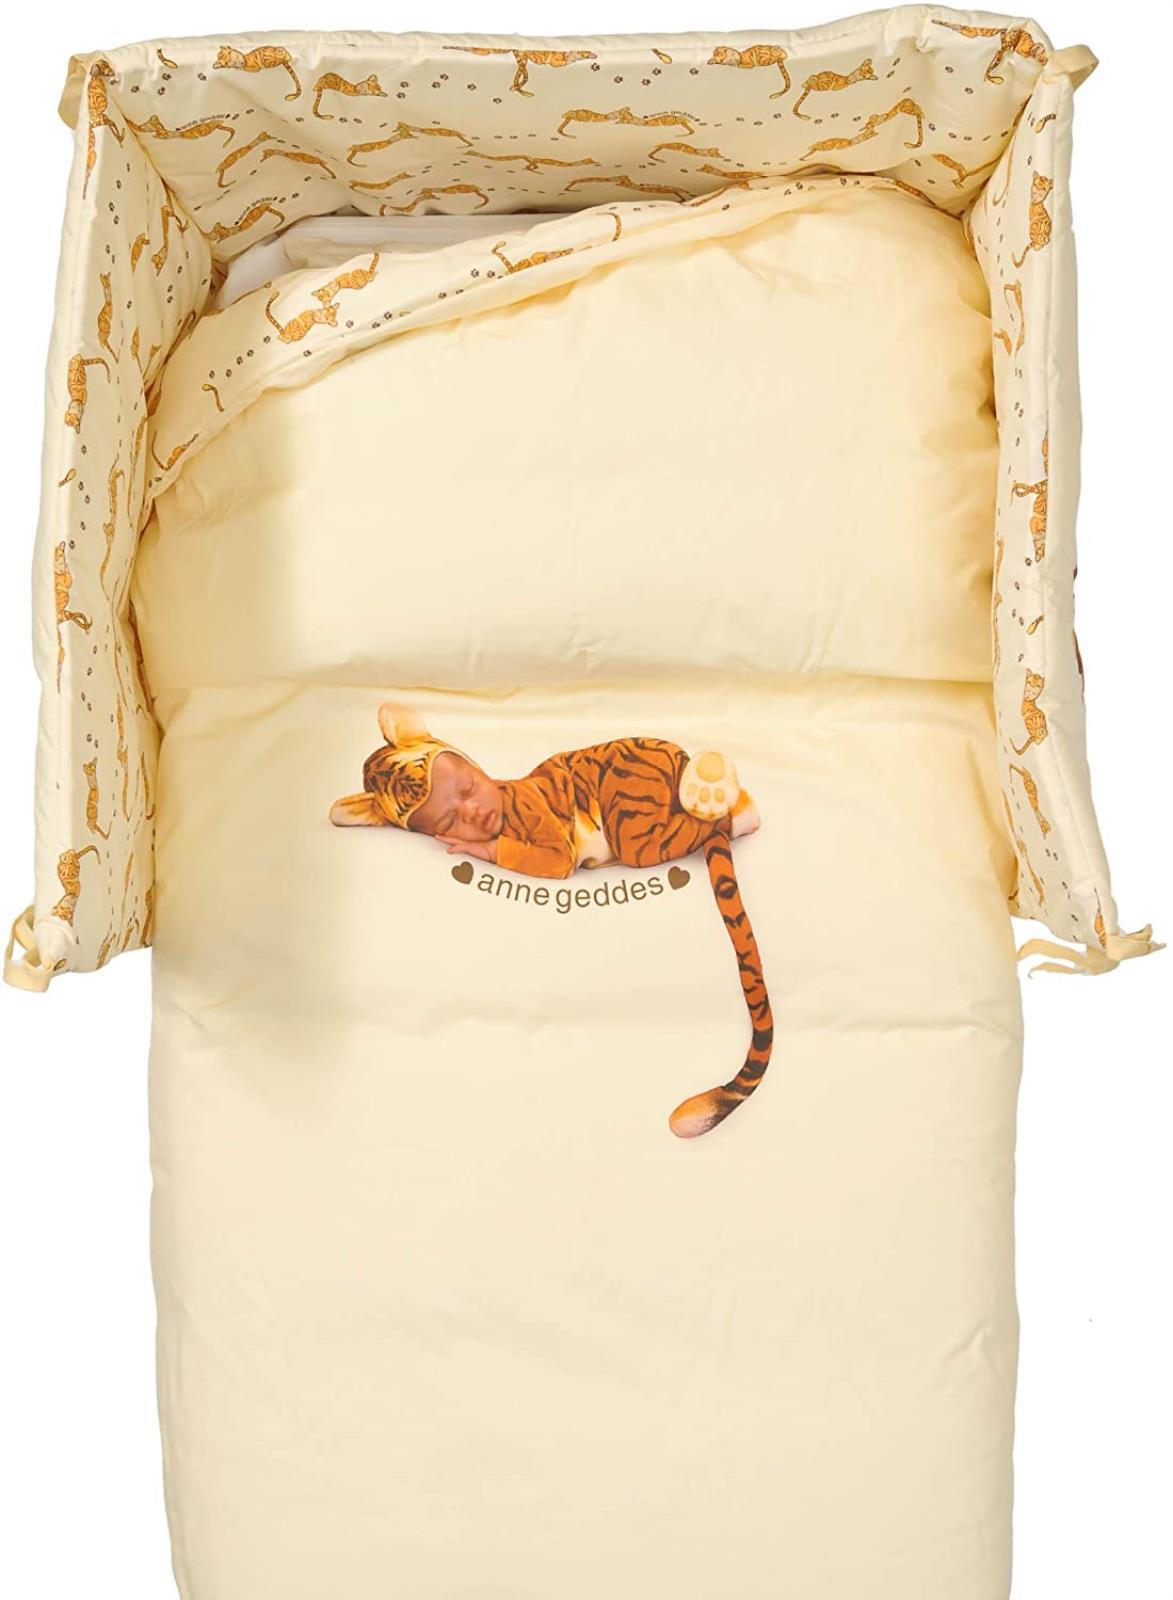 Materiale :100% cotone percalle 57 fili al cm2. Trapunta Sfilabile Tiger